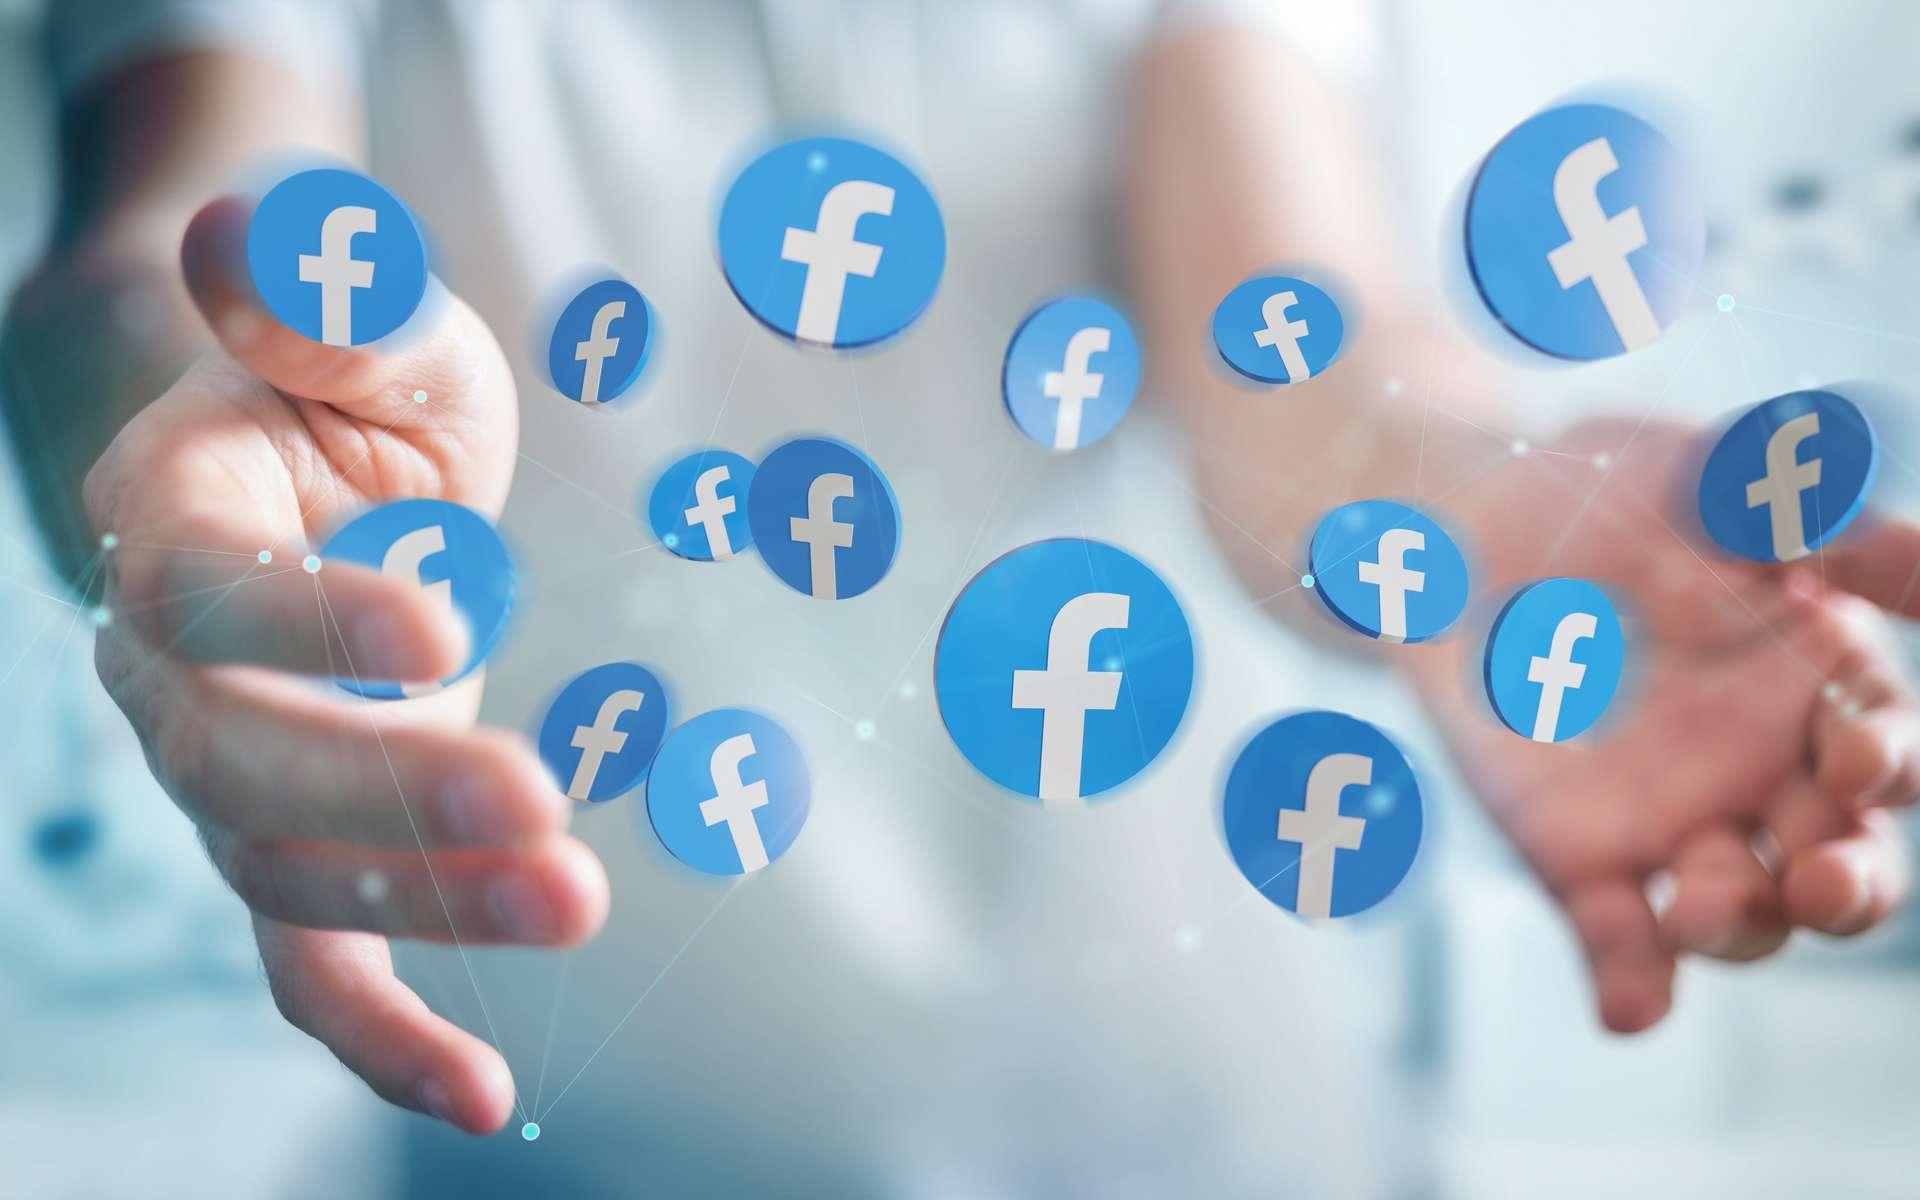 Facebook partage des données sur ses utilisateurs pour aider à gérer l'épidémie. © Sdecoret, Adobe Stock